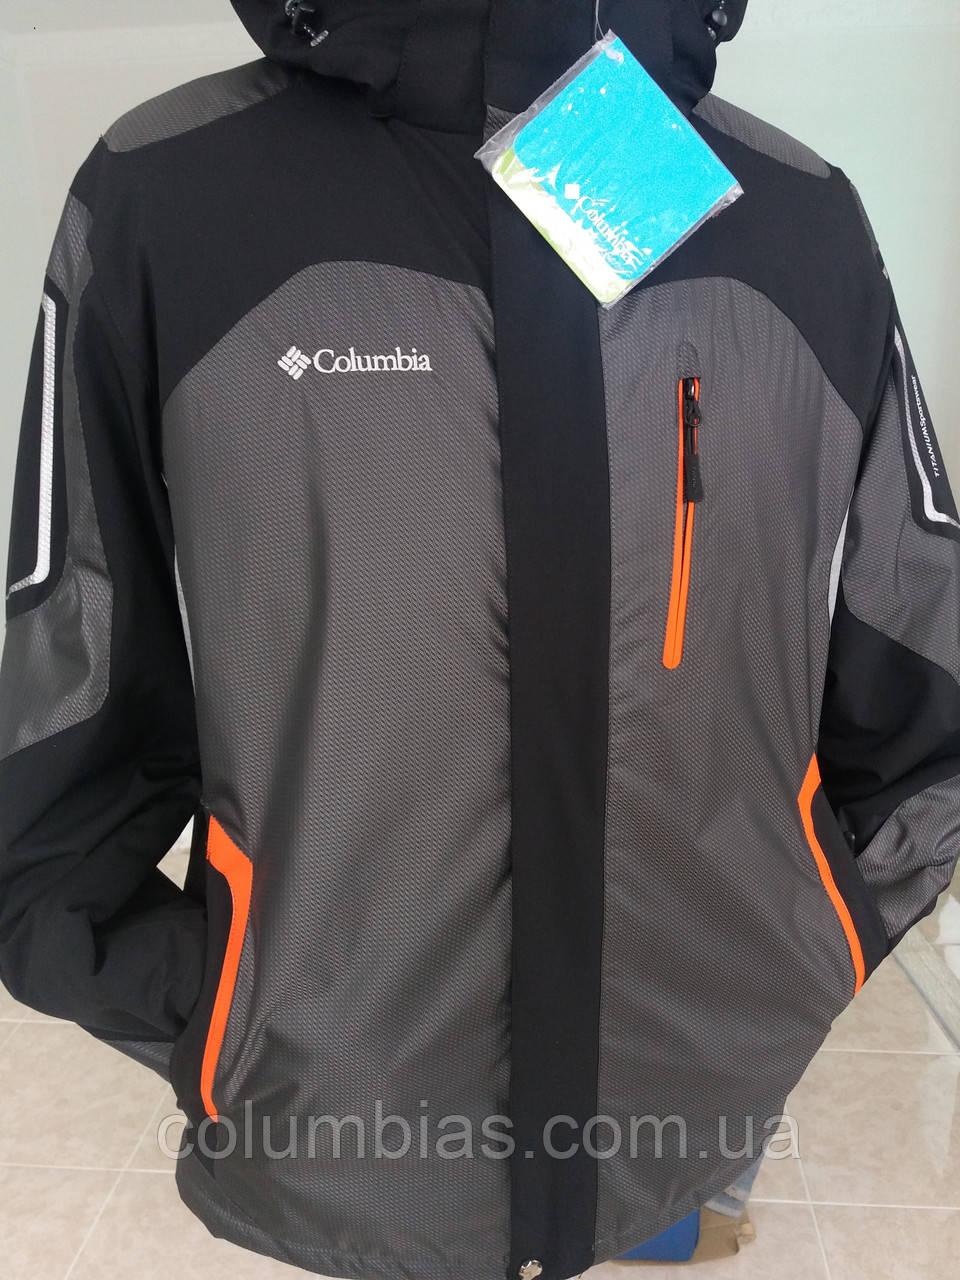 Лыжные костюмы куртки Columbua  7e1e91afa5ac8